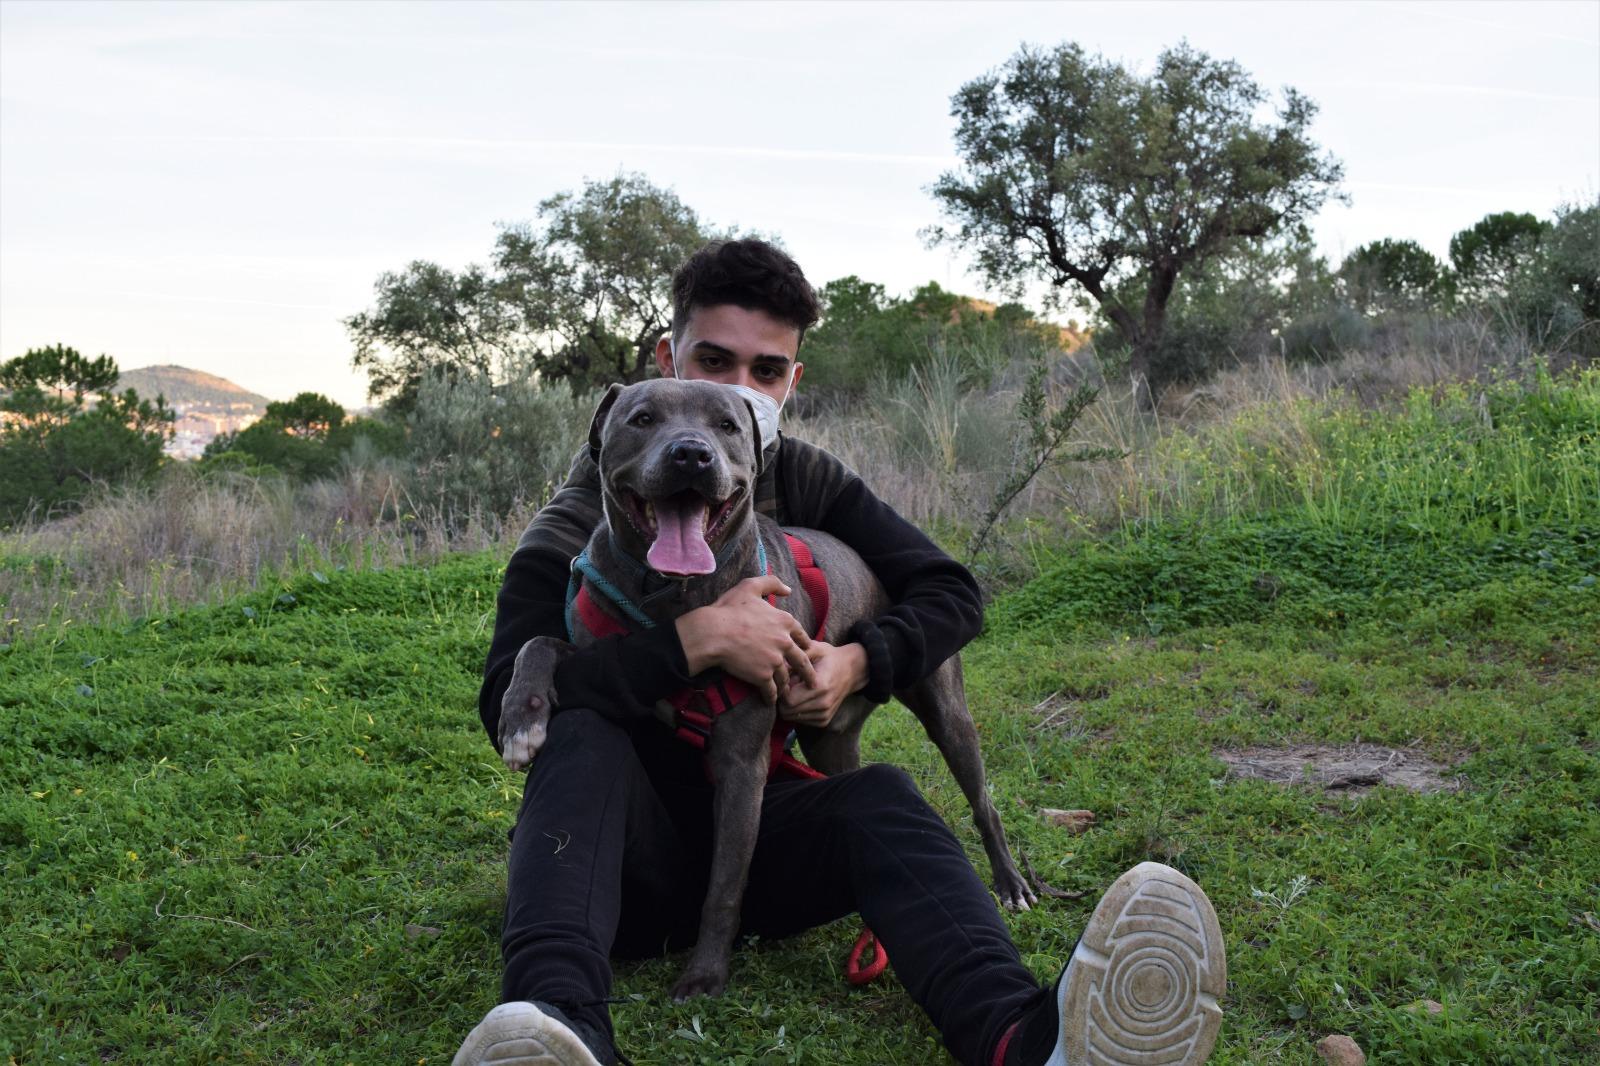 Rudy (17)